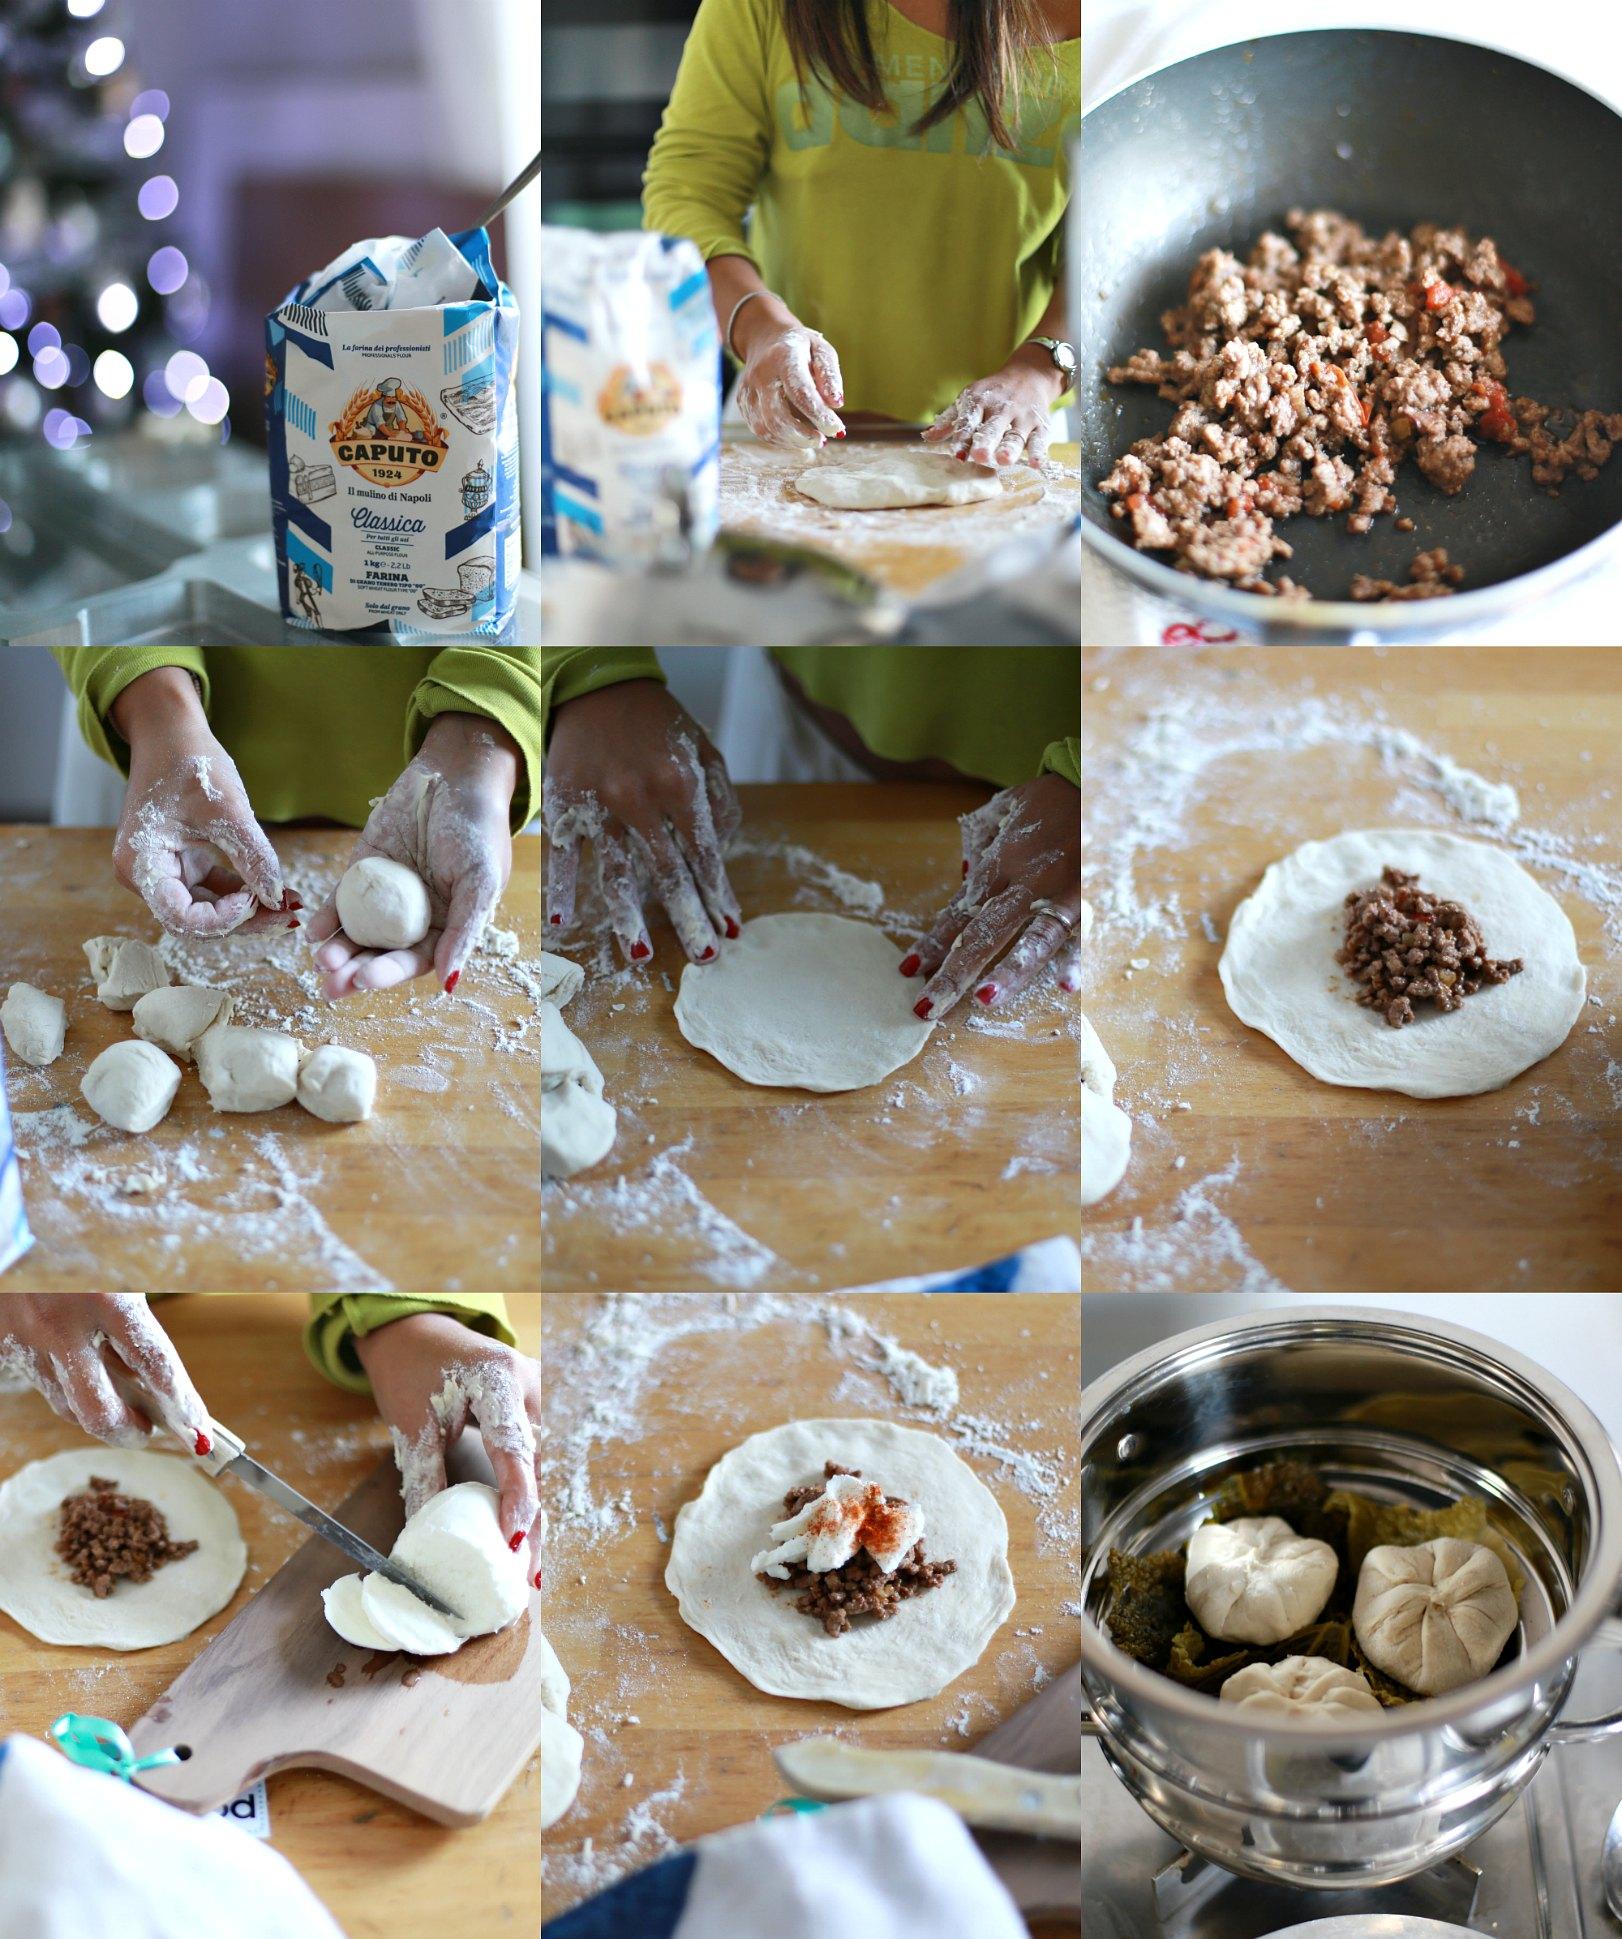 come fare pane cinese